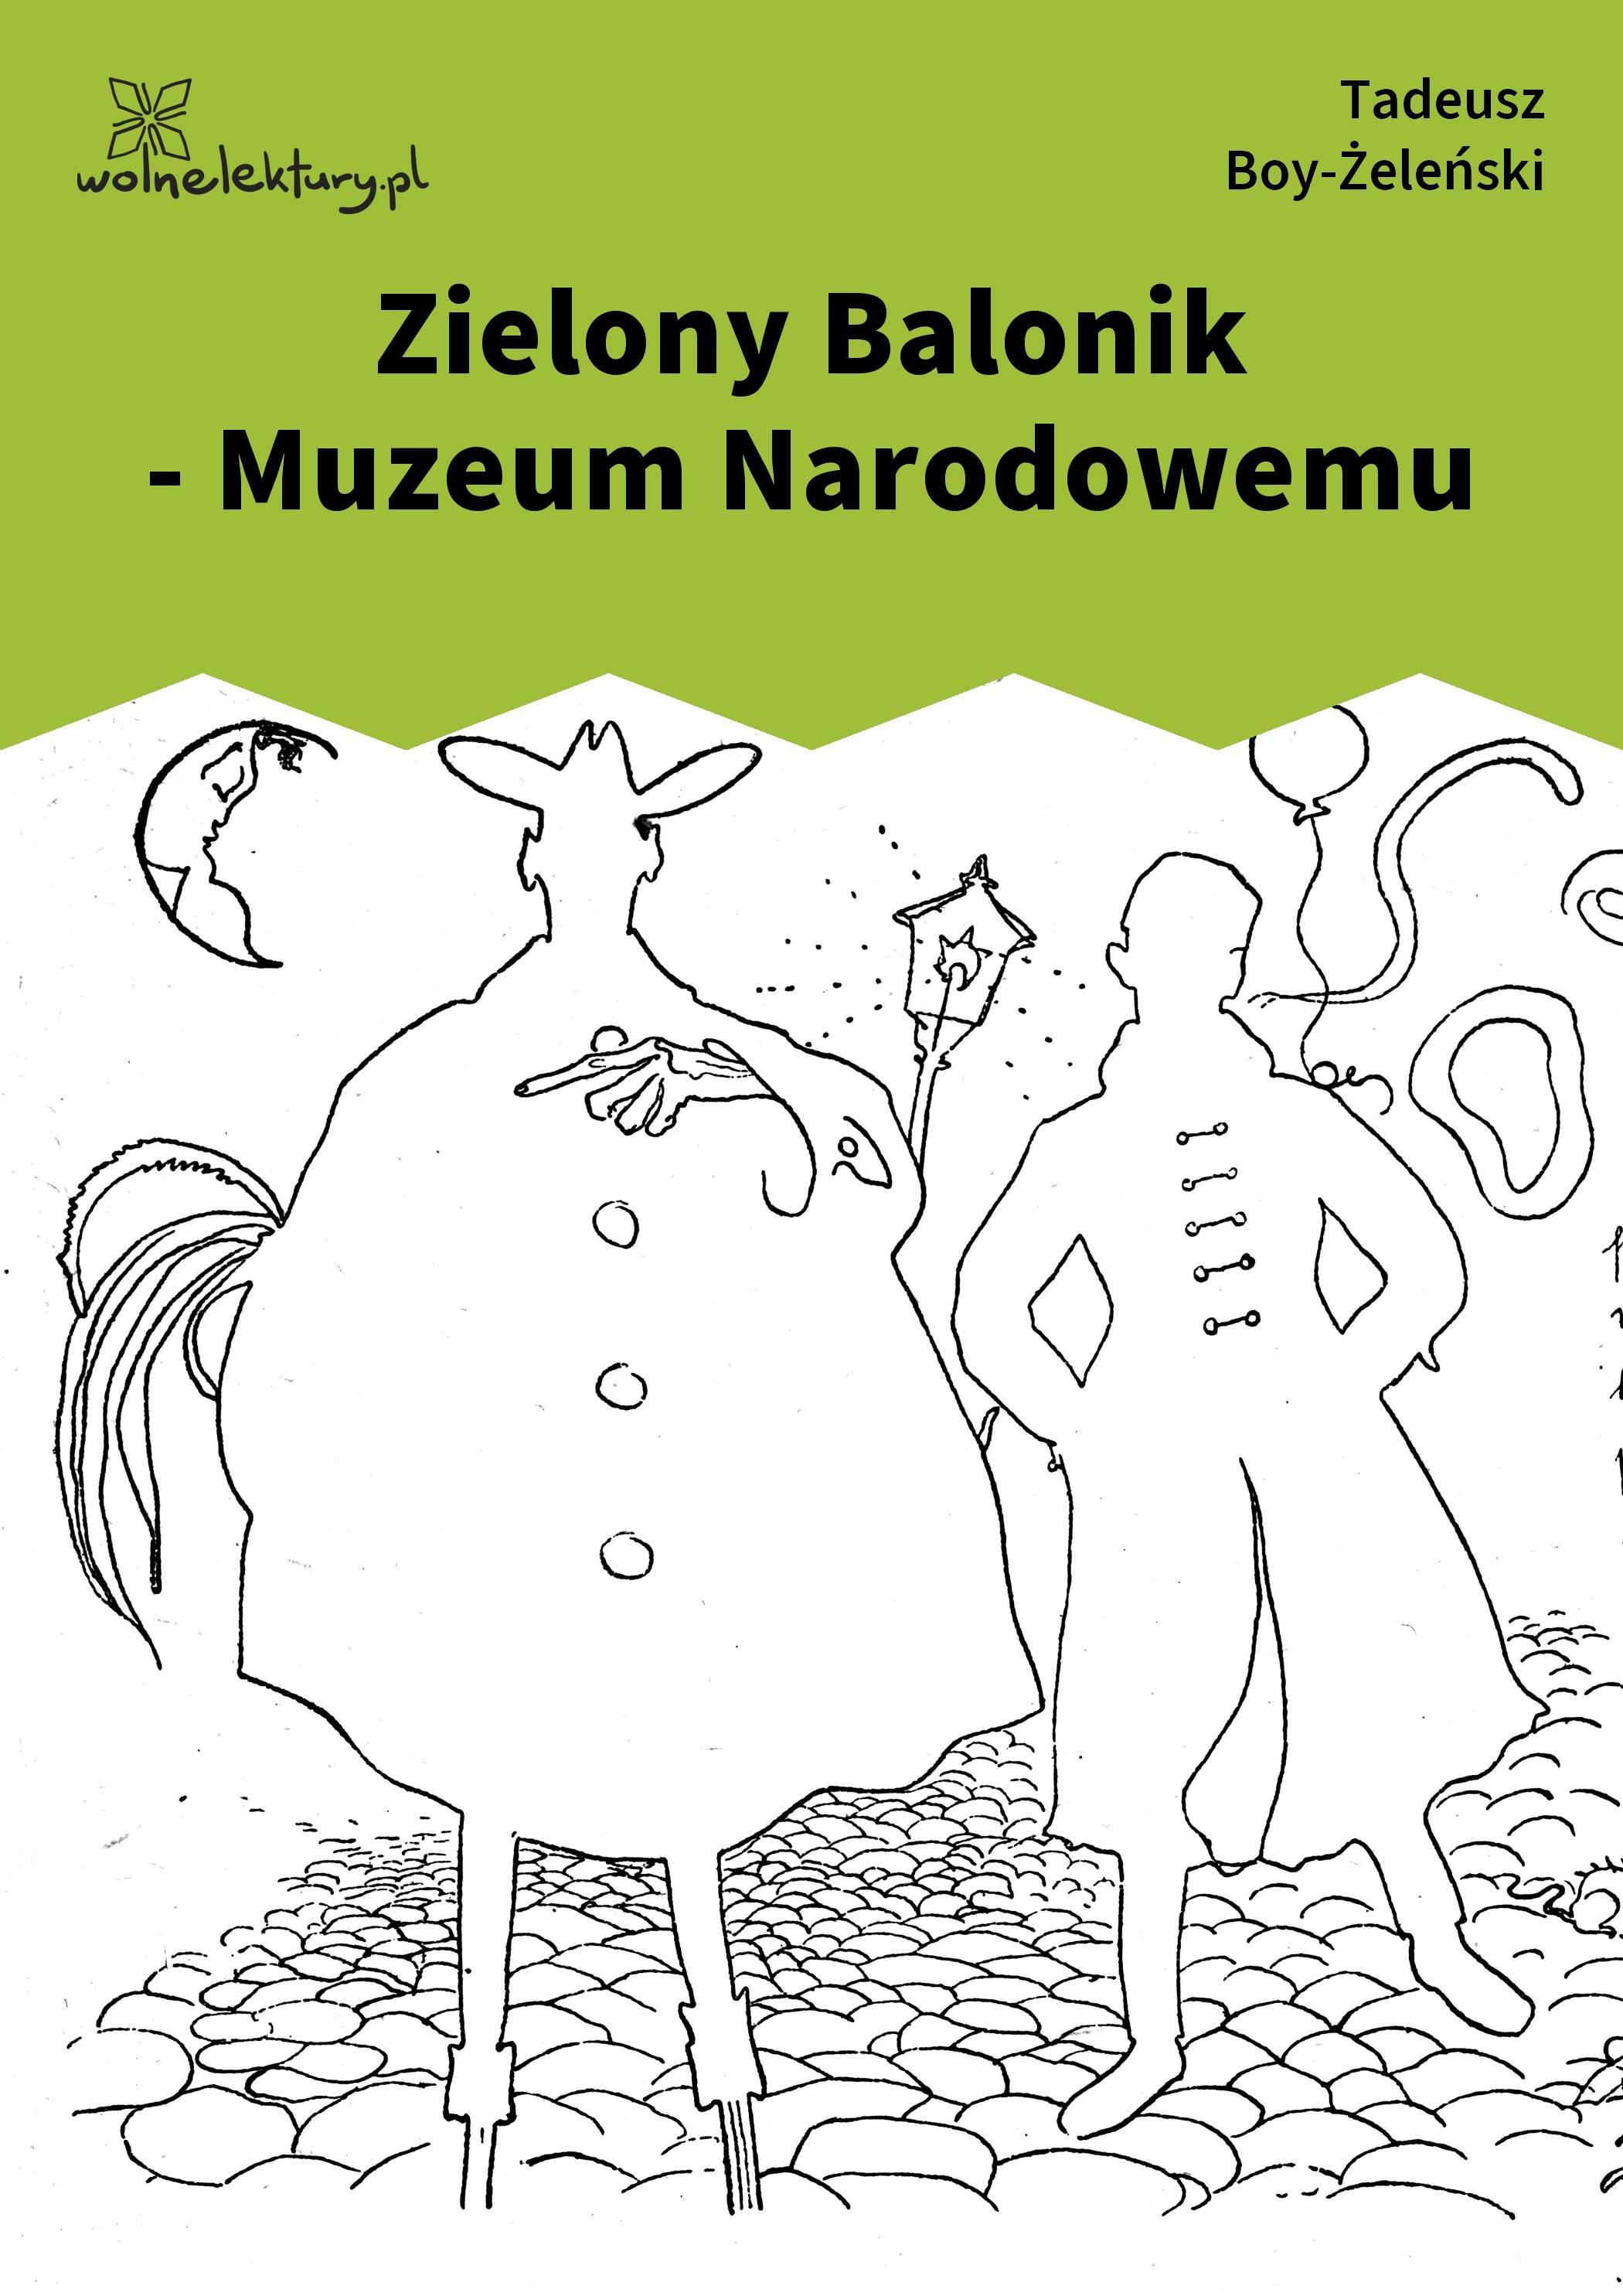 Tadeusz Boy żeleński Słówka Zbiór Piosenki Zielonego